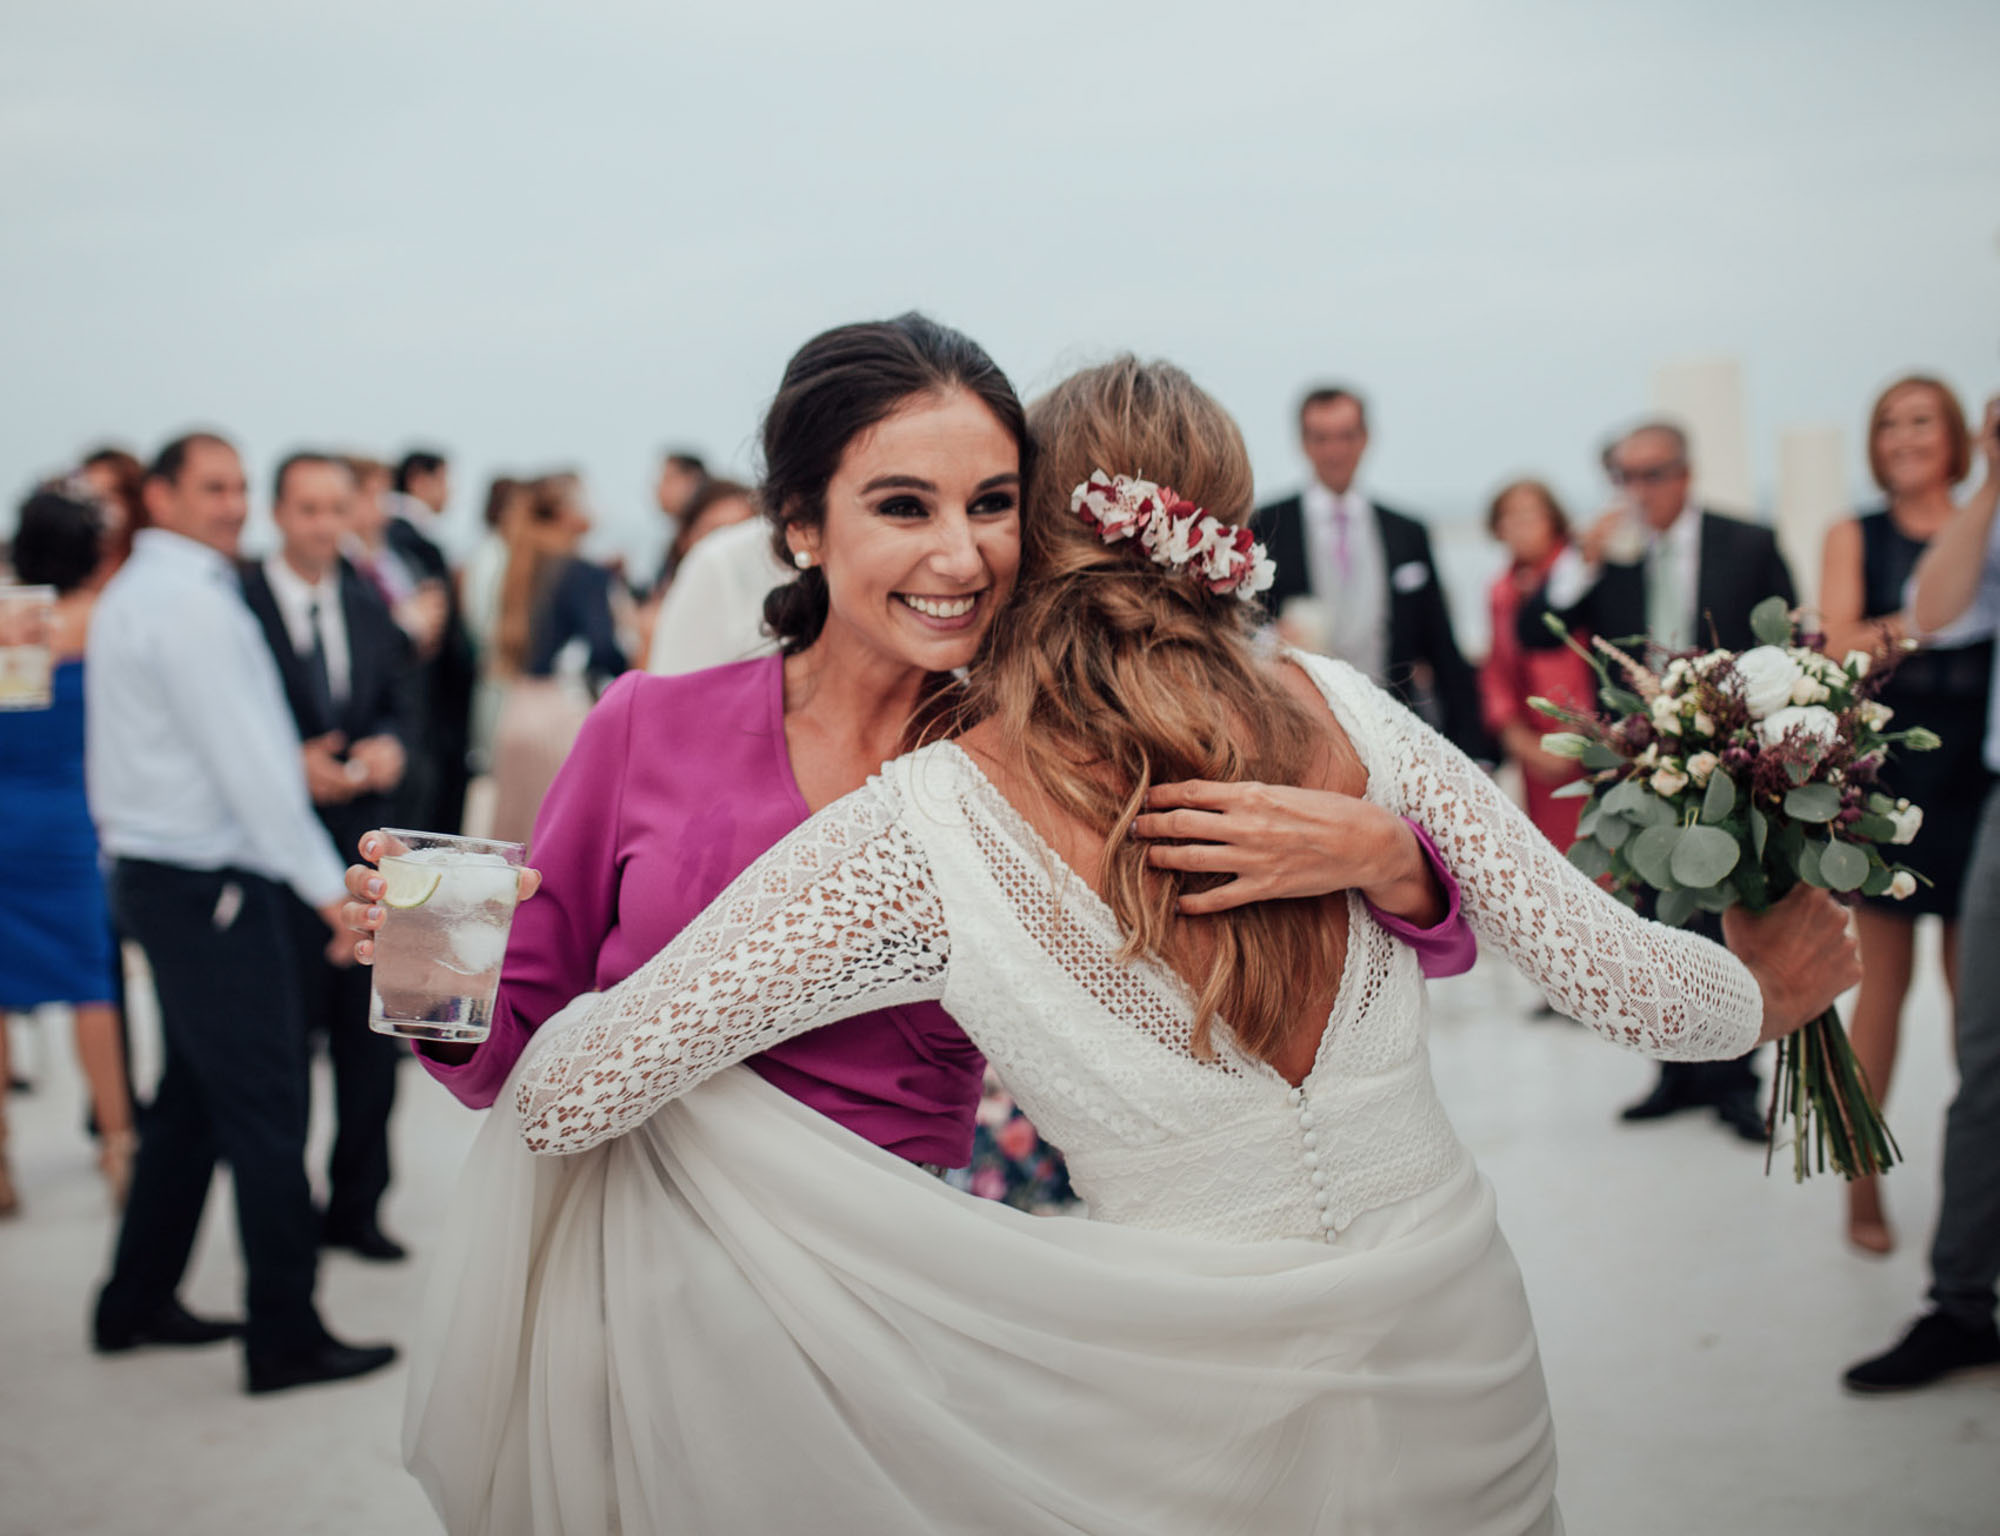 ramo flores enlace matrimonial Cabo de Palos abrazo fotografia